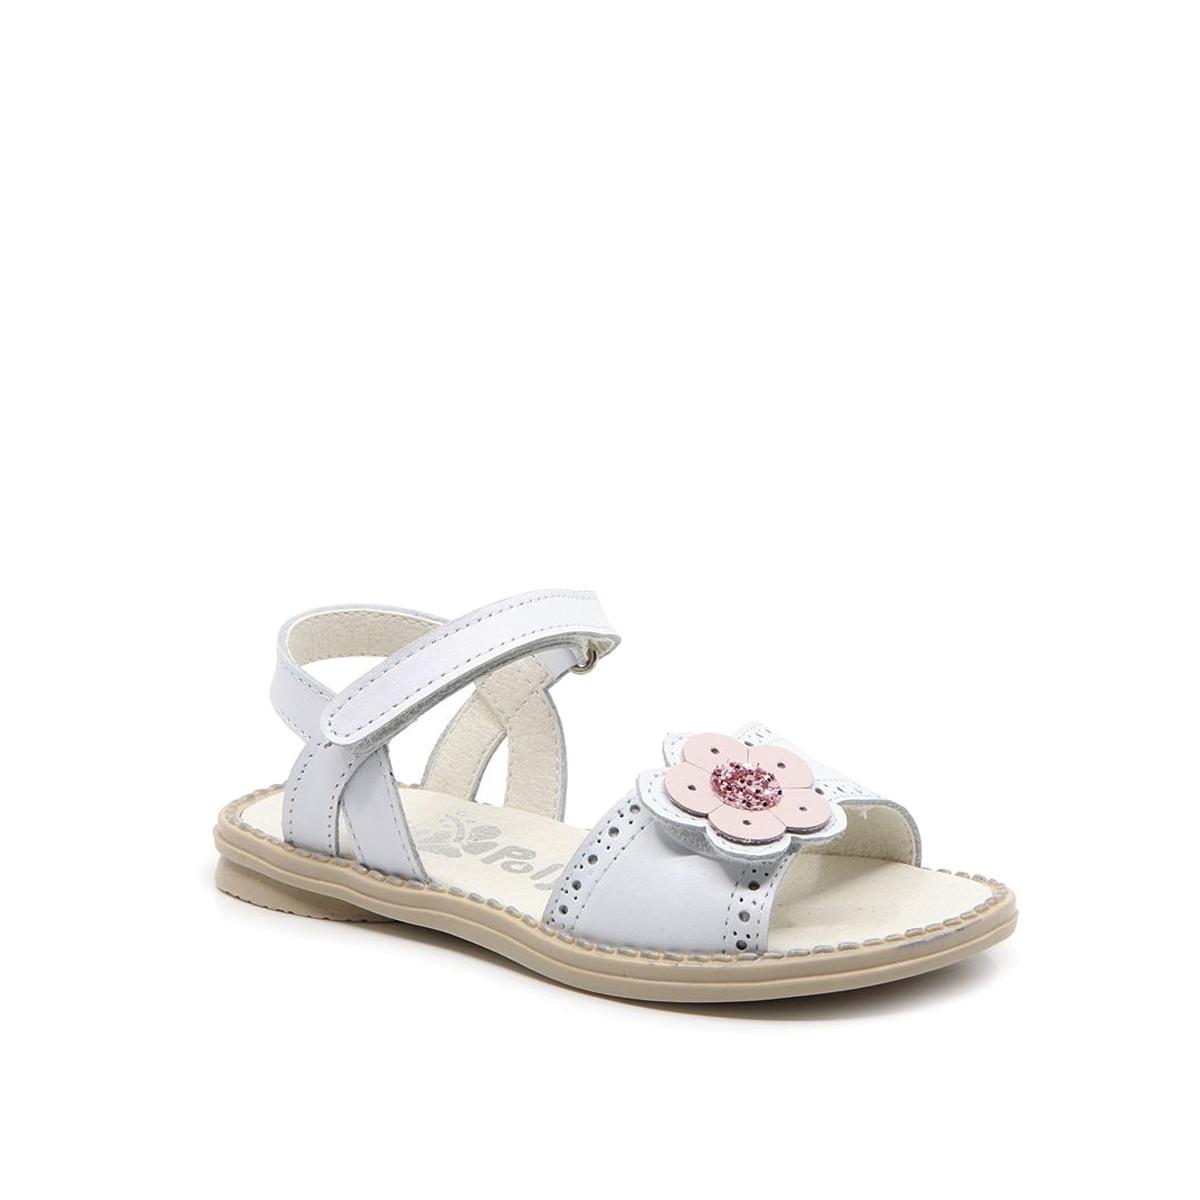 Chaussures Ouvertes Semelle Lady Ceremonie Souple Sandales wN8mOyvn0